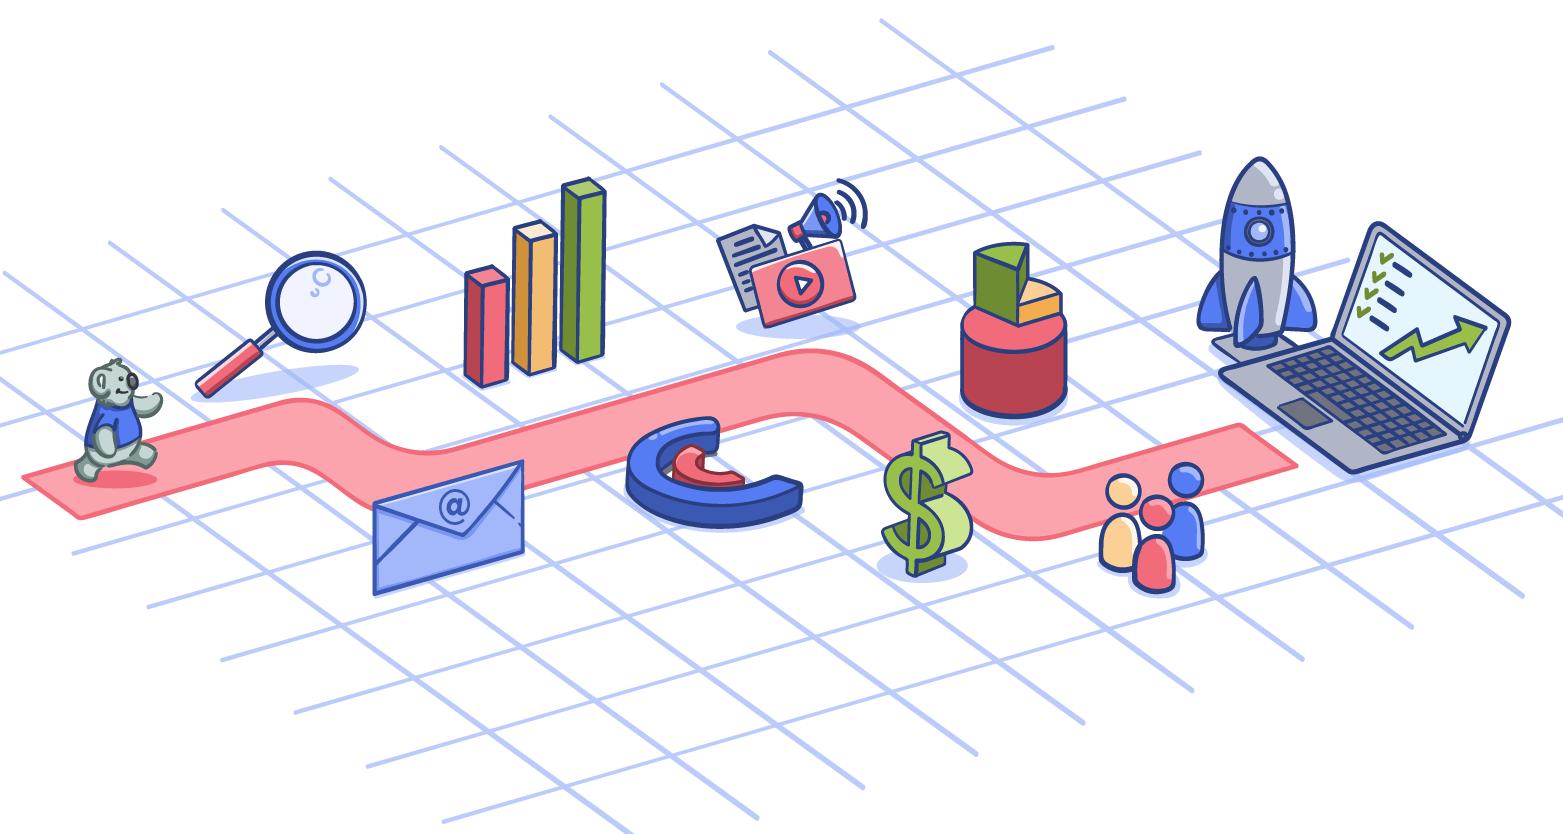 Jornada do cliente na agência de marketing: como estruturar?